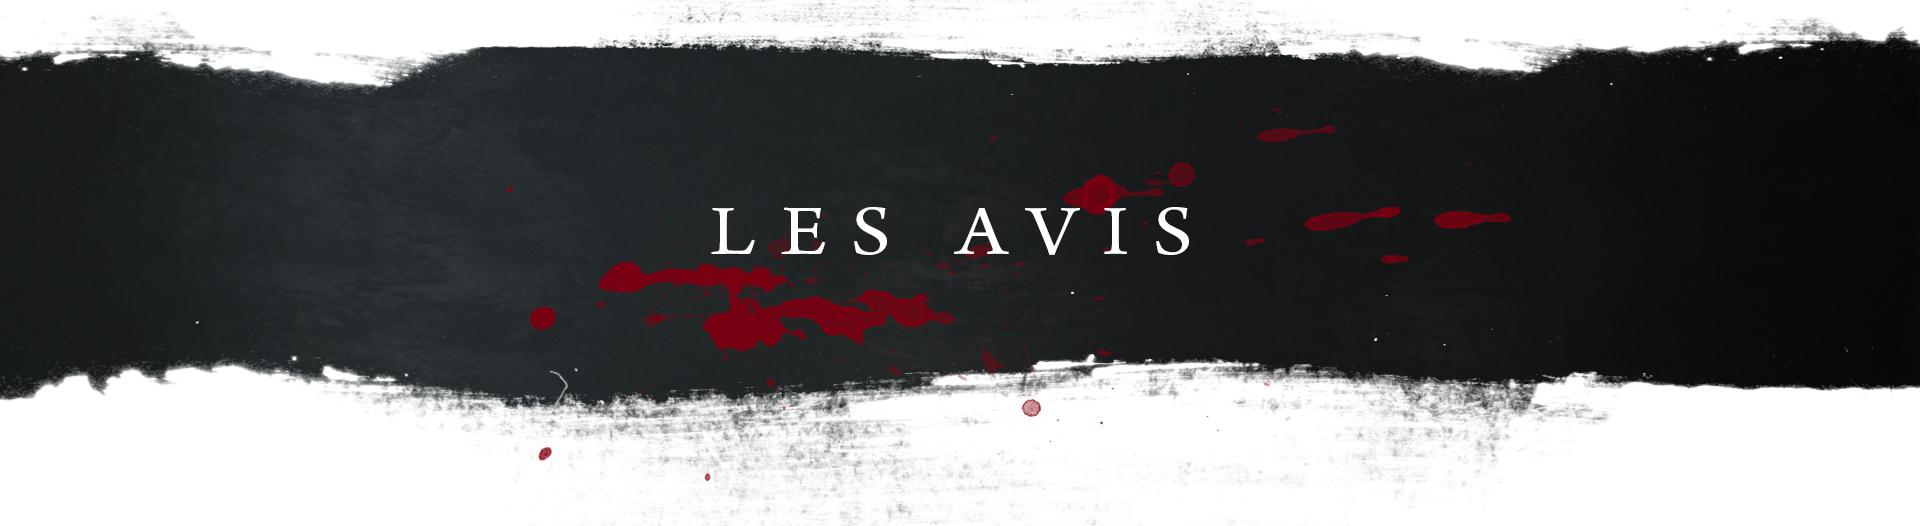 TITLE_Reviews